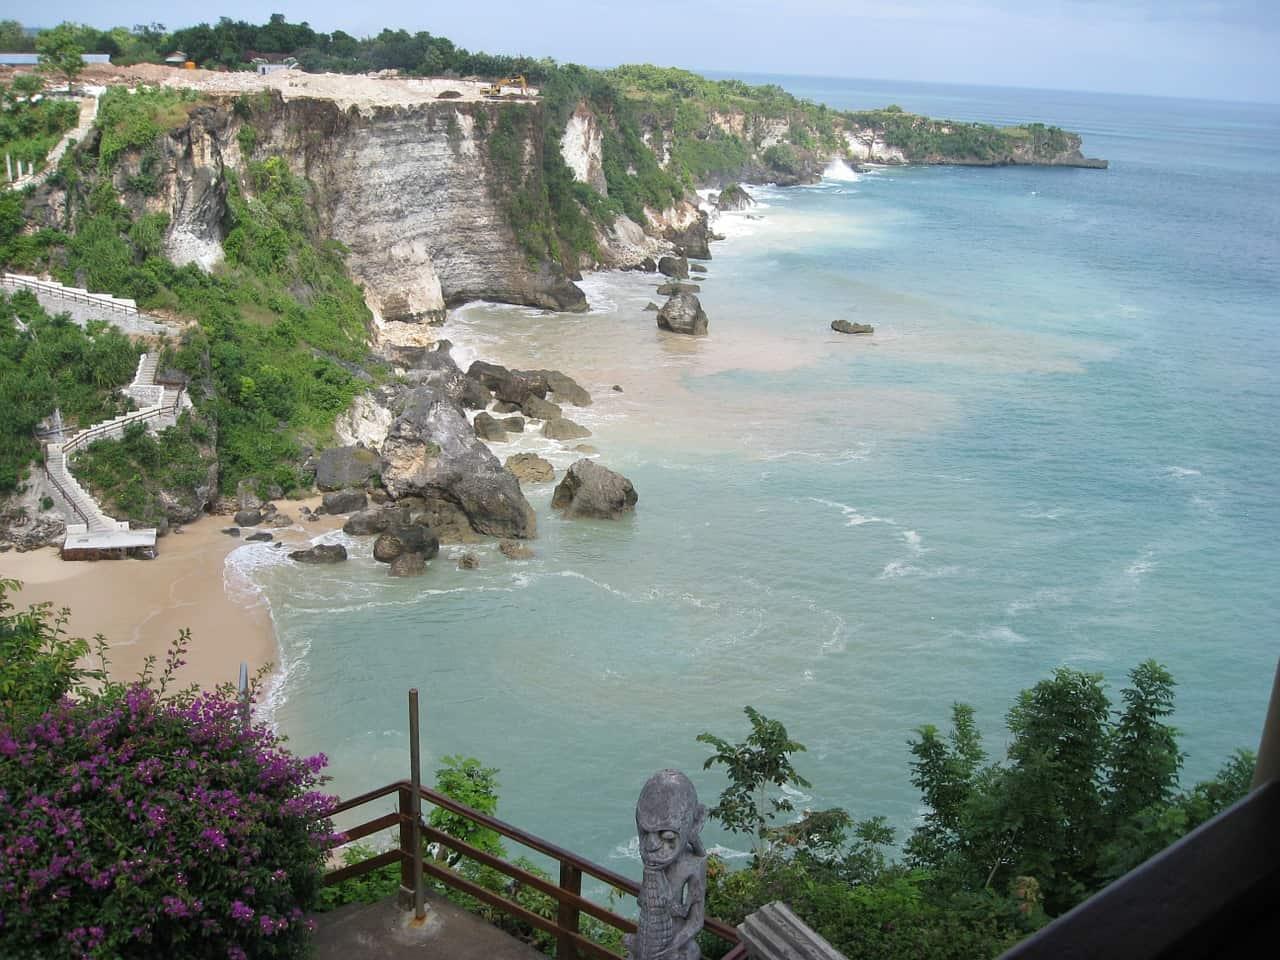 Bali Urlaub - 2 Wochen Pauschal nur 603,00€ Indonesien